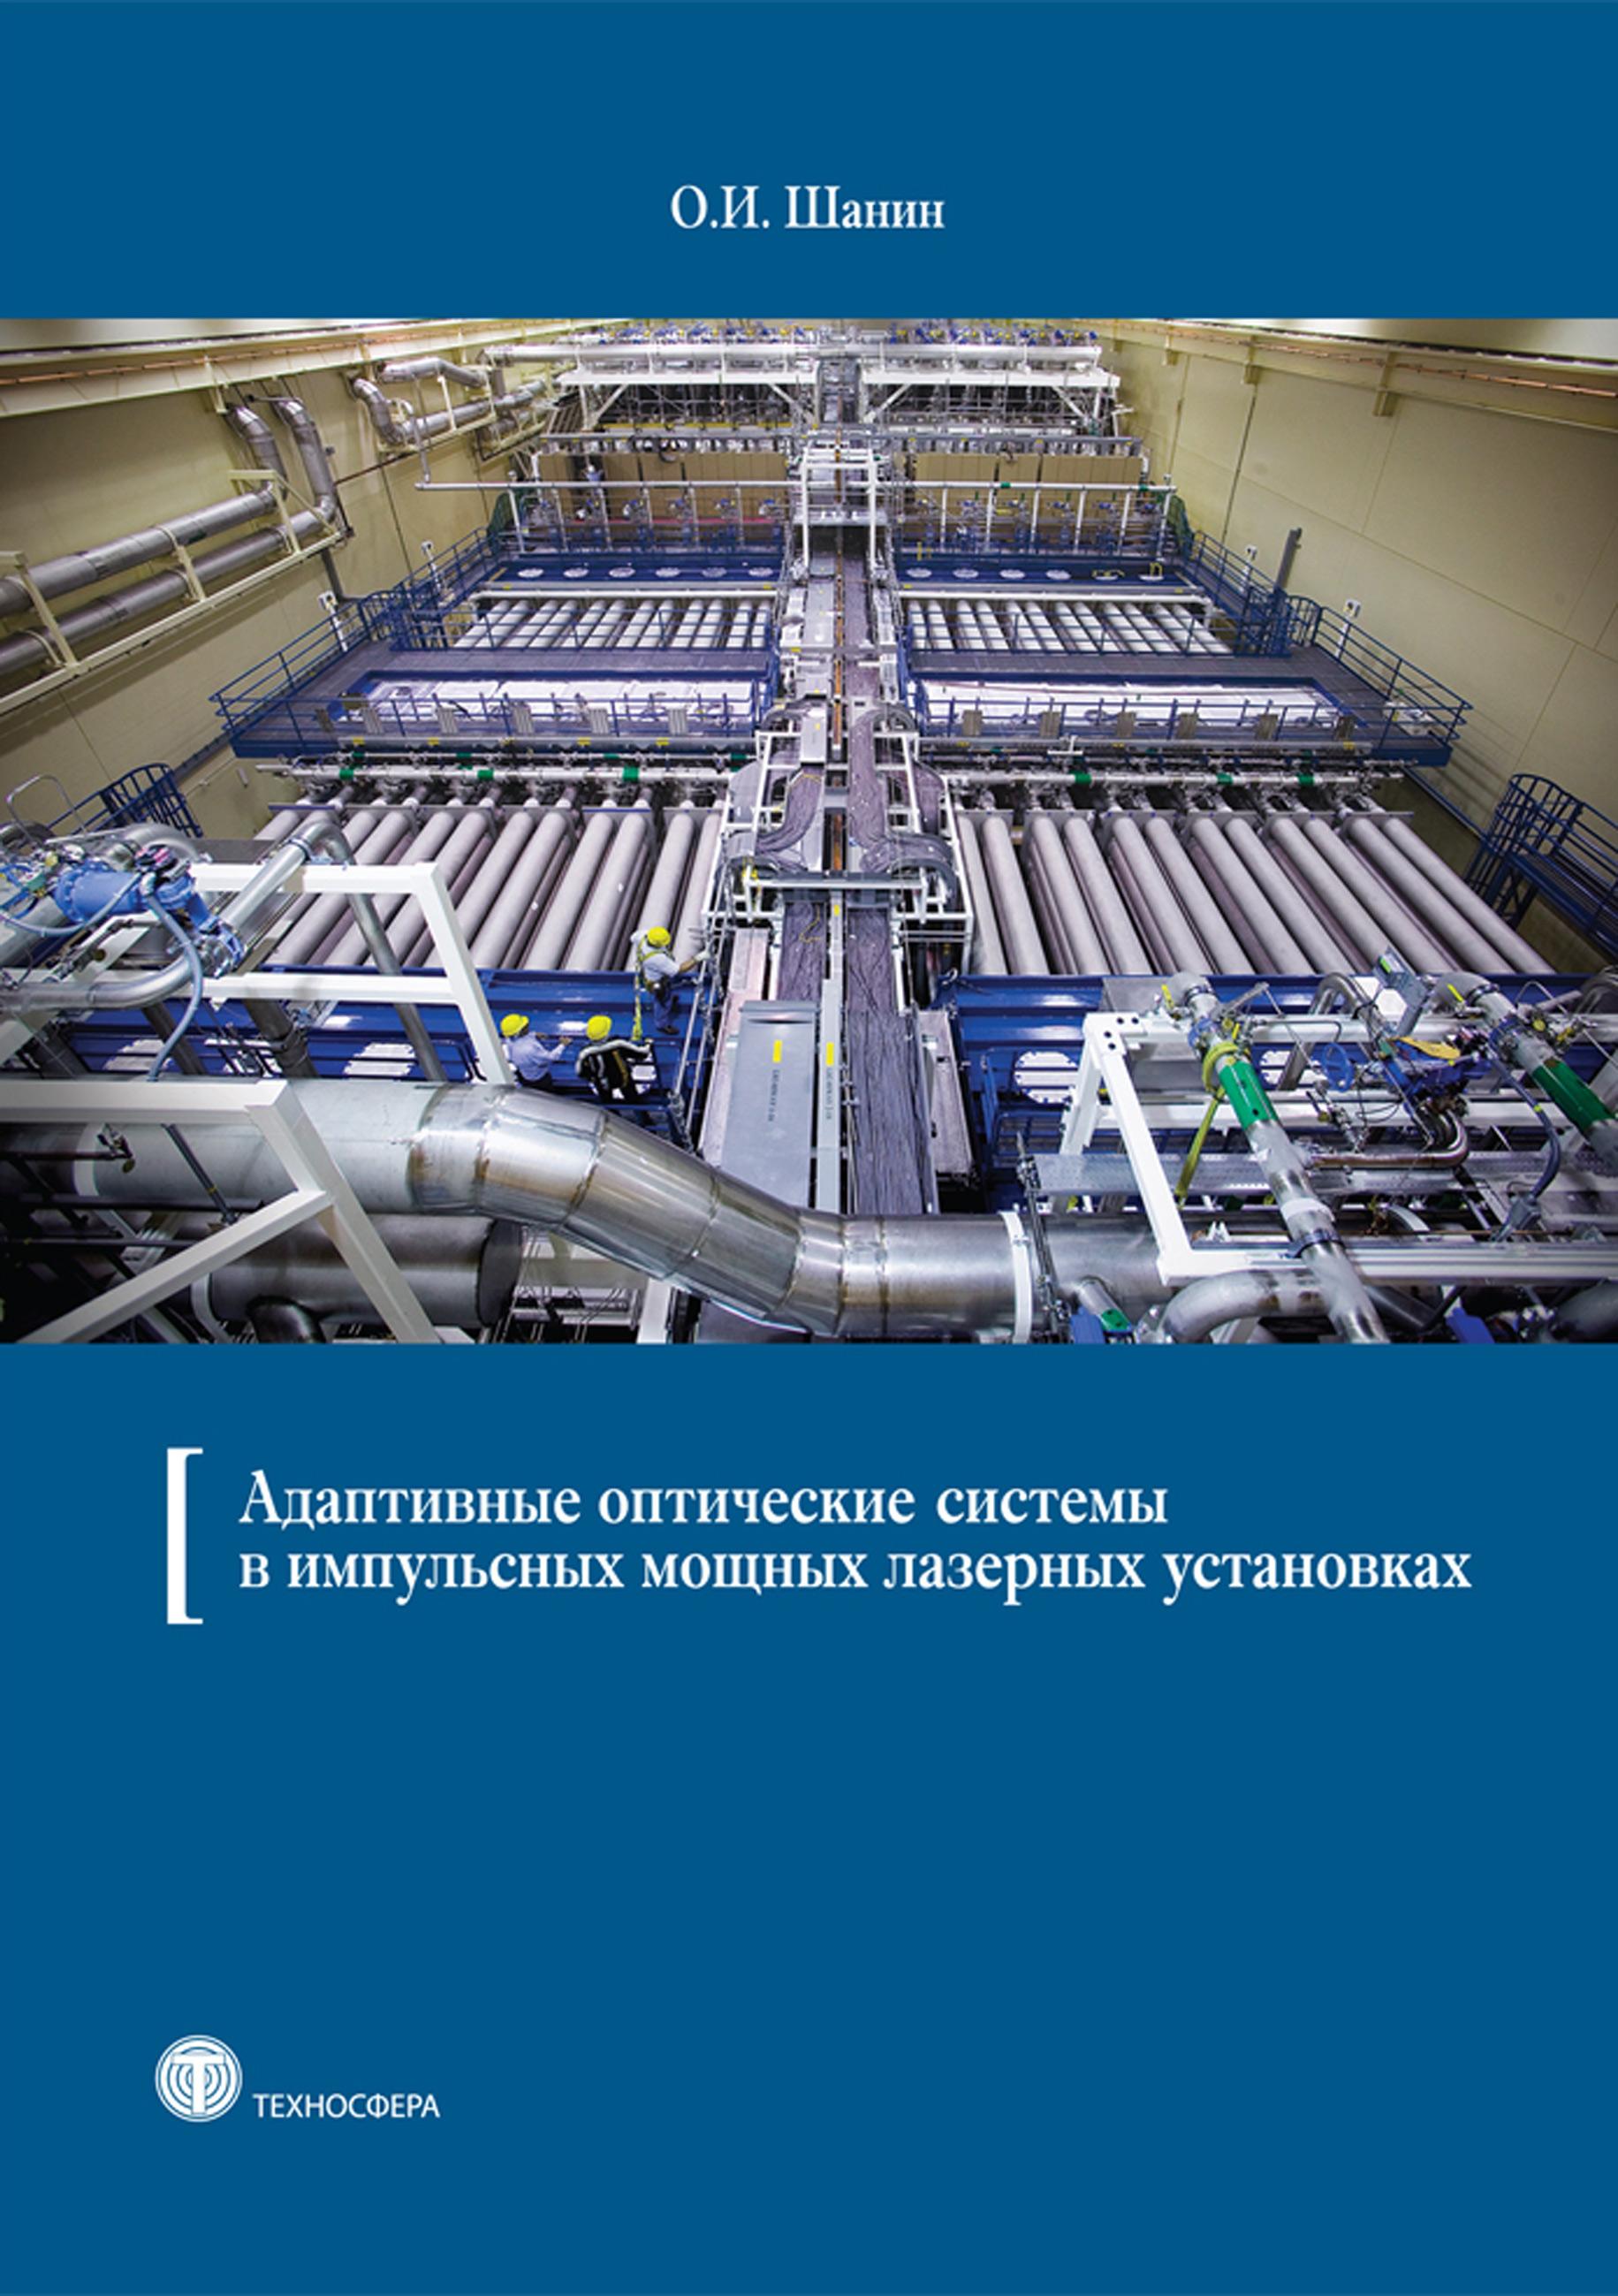 Адаптивные оптические системы в импульсных мощных лазерных установках